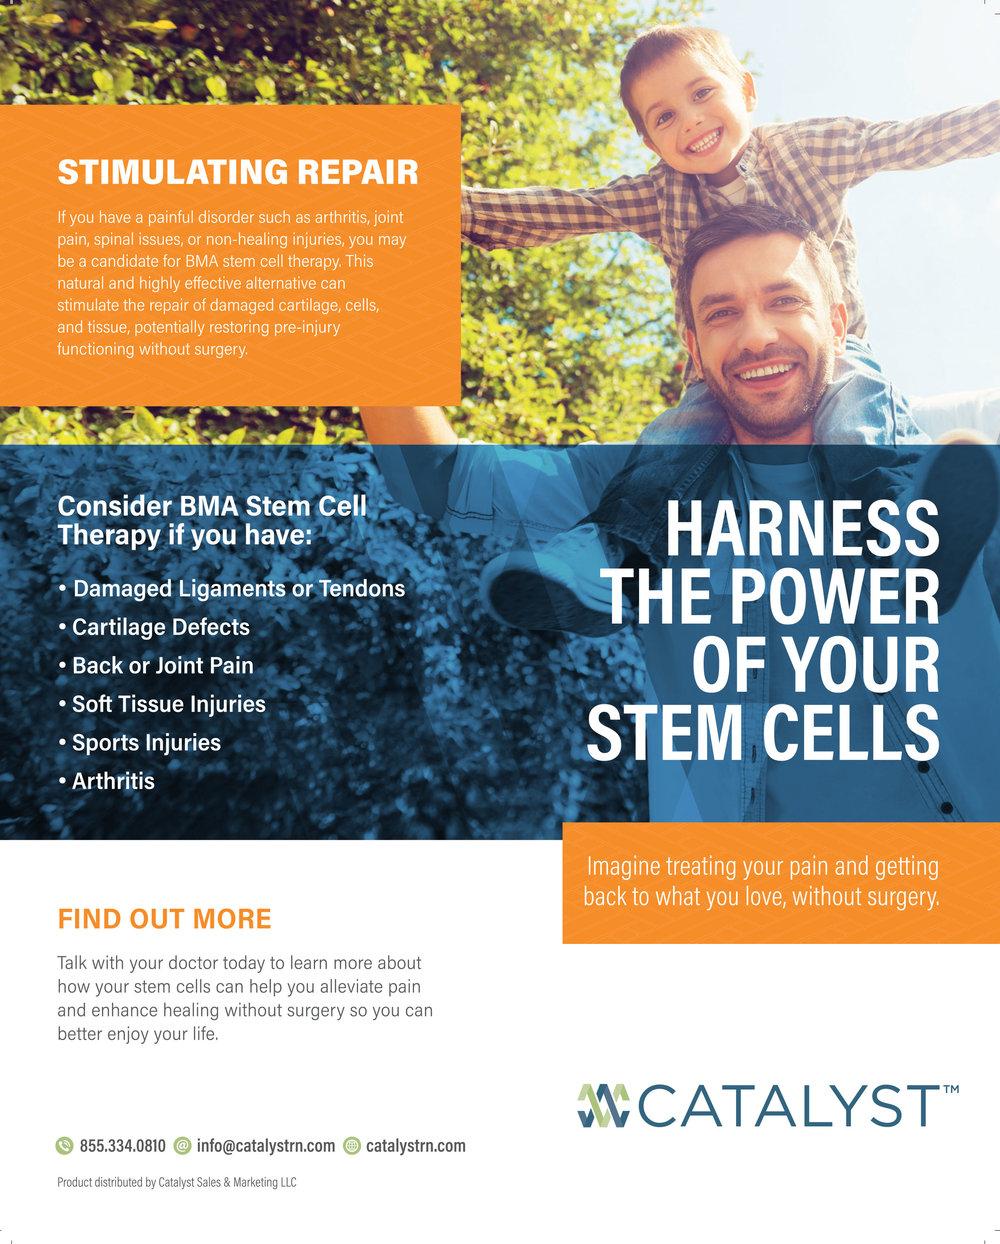 Catalyst-Brochure-BMA-Stem-Cell-V6-Reduced-1.jpg